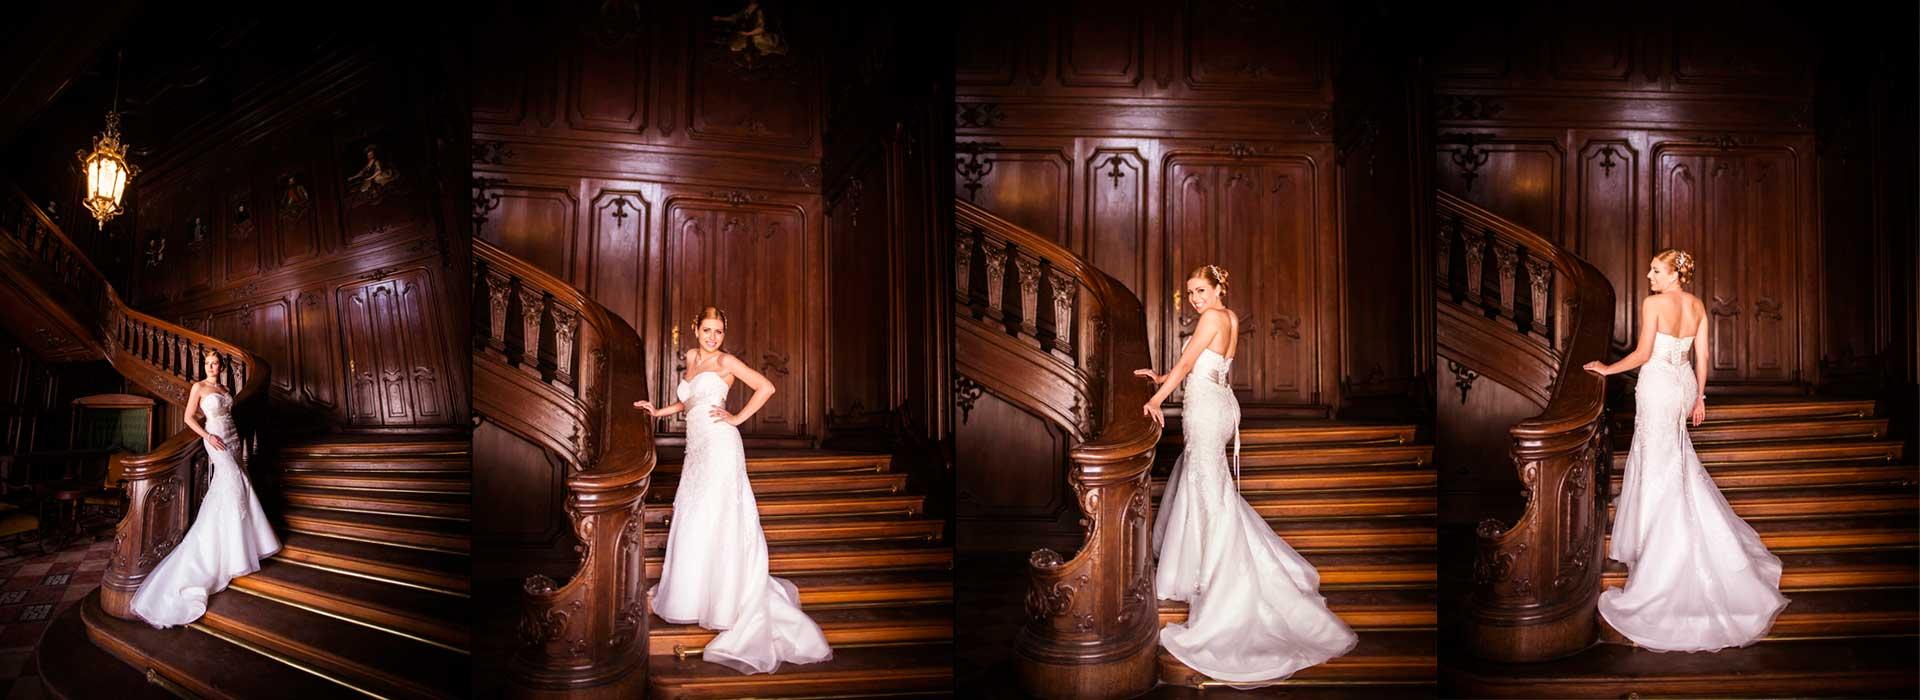 Rendezz fotókiállítást az esküvői képeidből!